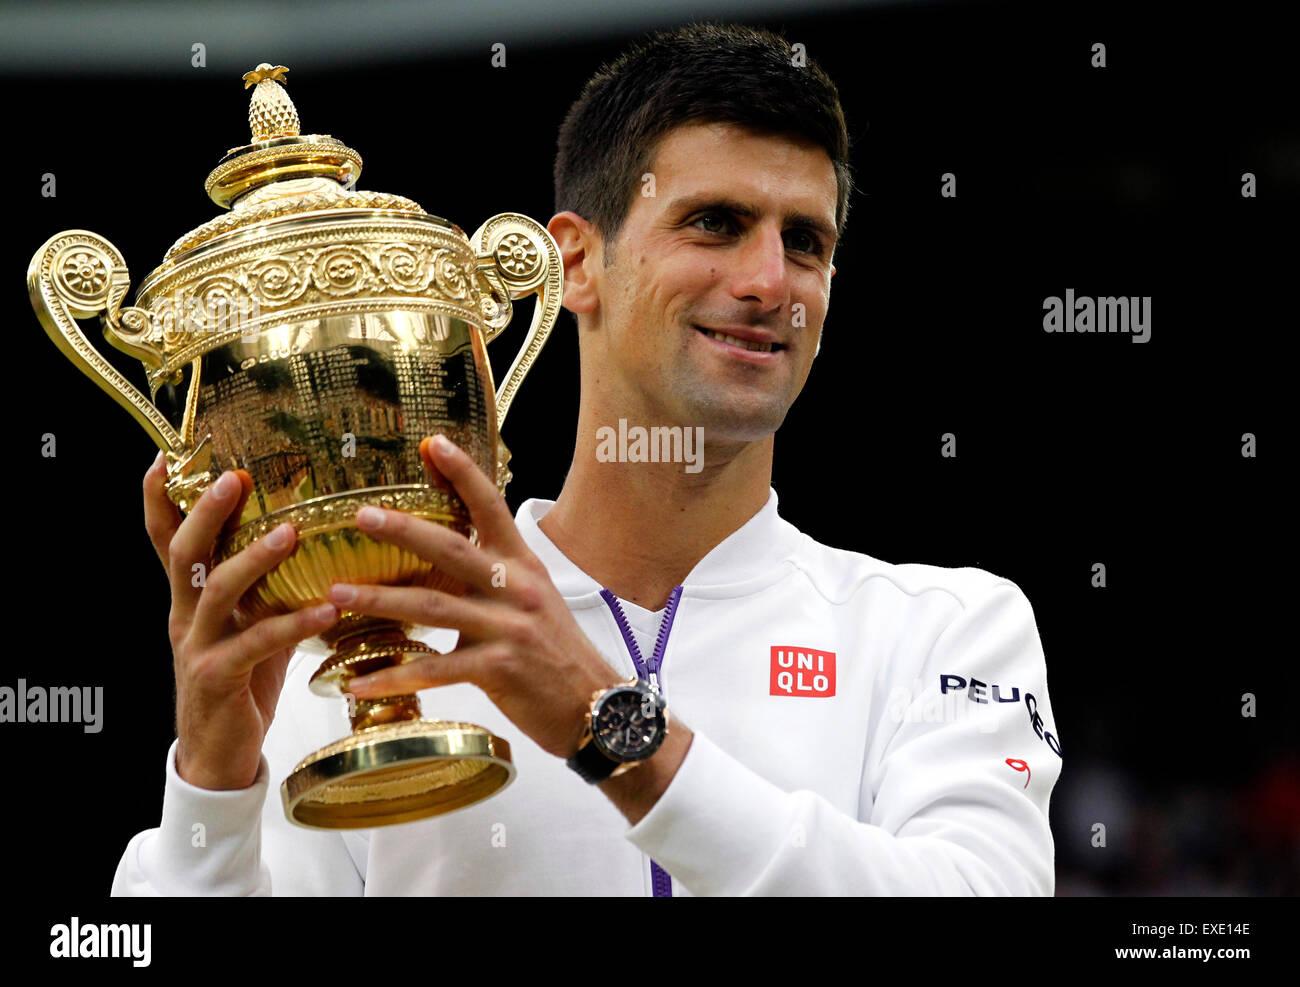 London, Londra, Regno Unito. 12 Luglio, 2015. Novak Djokovic di Serbia pone con il trofeo dopo gli uomini singoli Immagini Stock